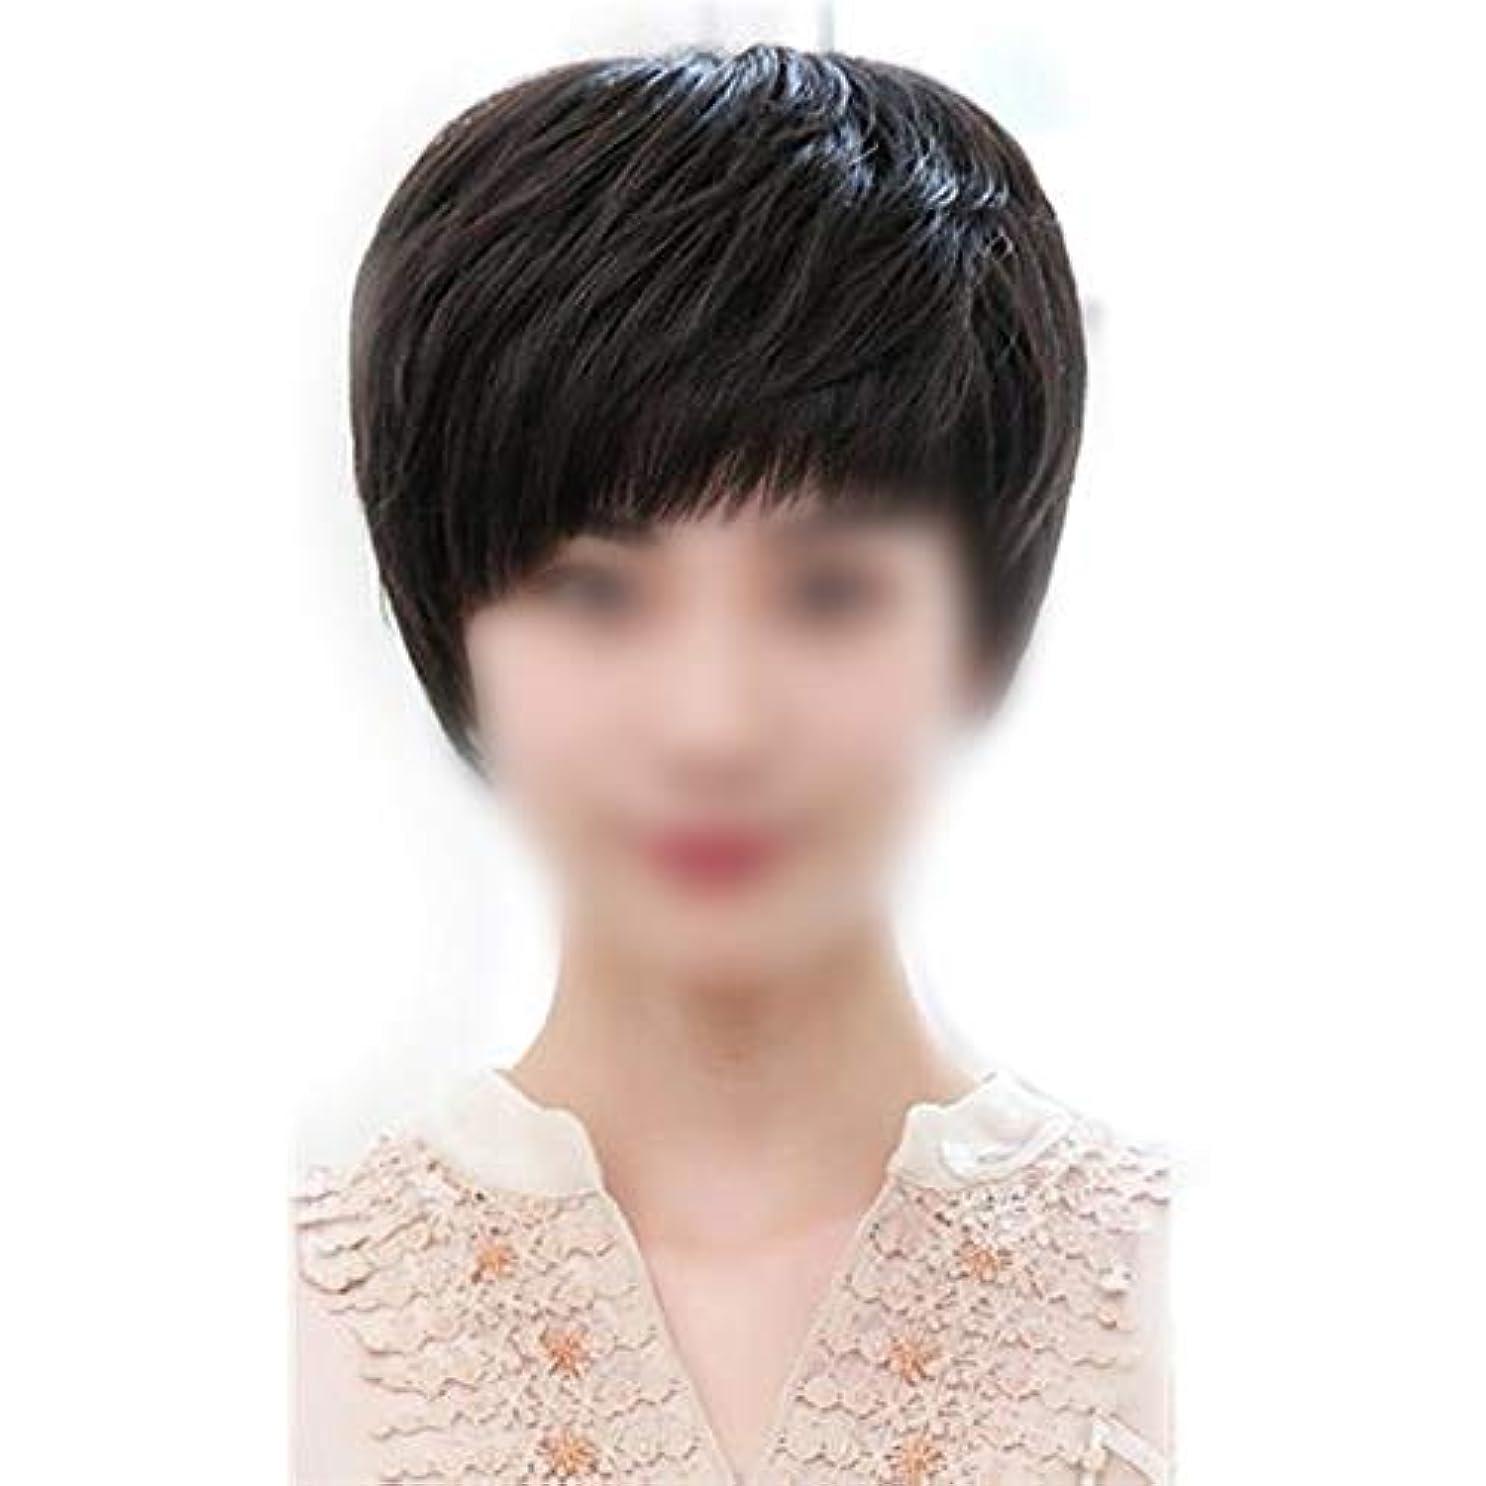 救援アジャサラミYOUQIU 中年ウィッグ女性の自然な手織りの実髪ショートカーリーヘアウィッグ (色 : Natural black)